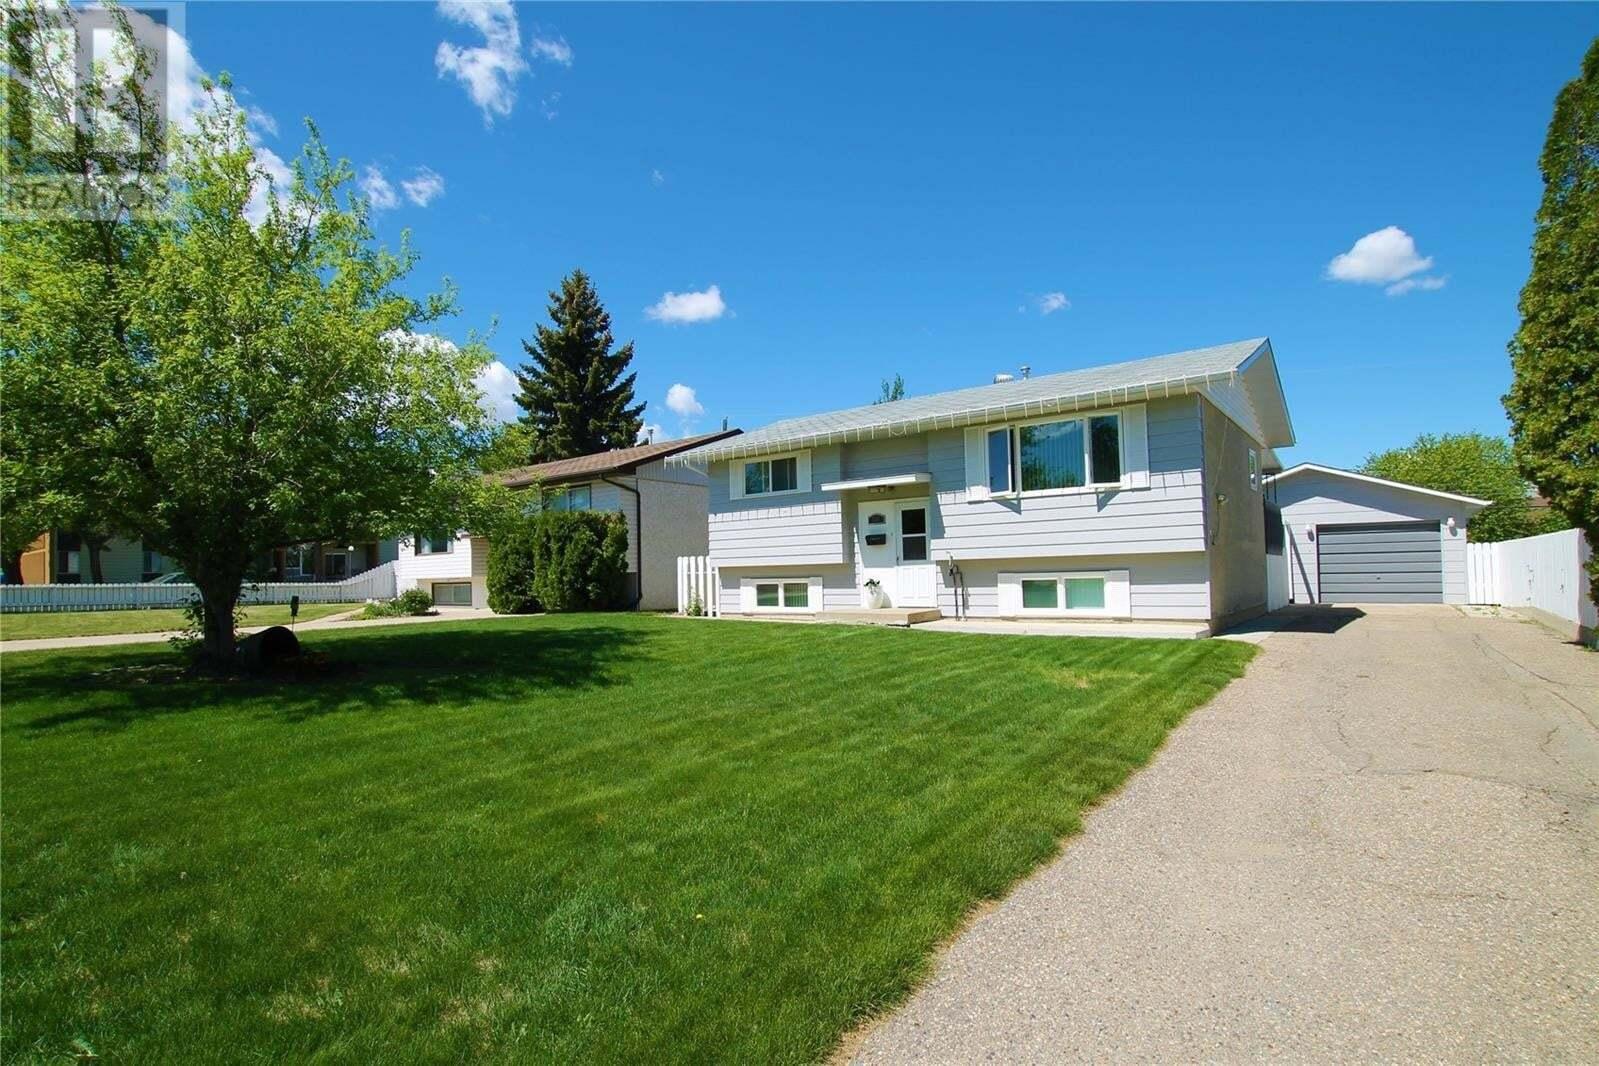 House for sale at 850 2nd Ave SE Swift Current Saskatchewan - MLS: SK810633